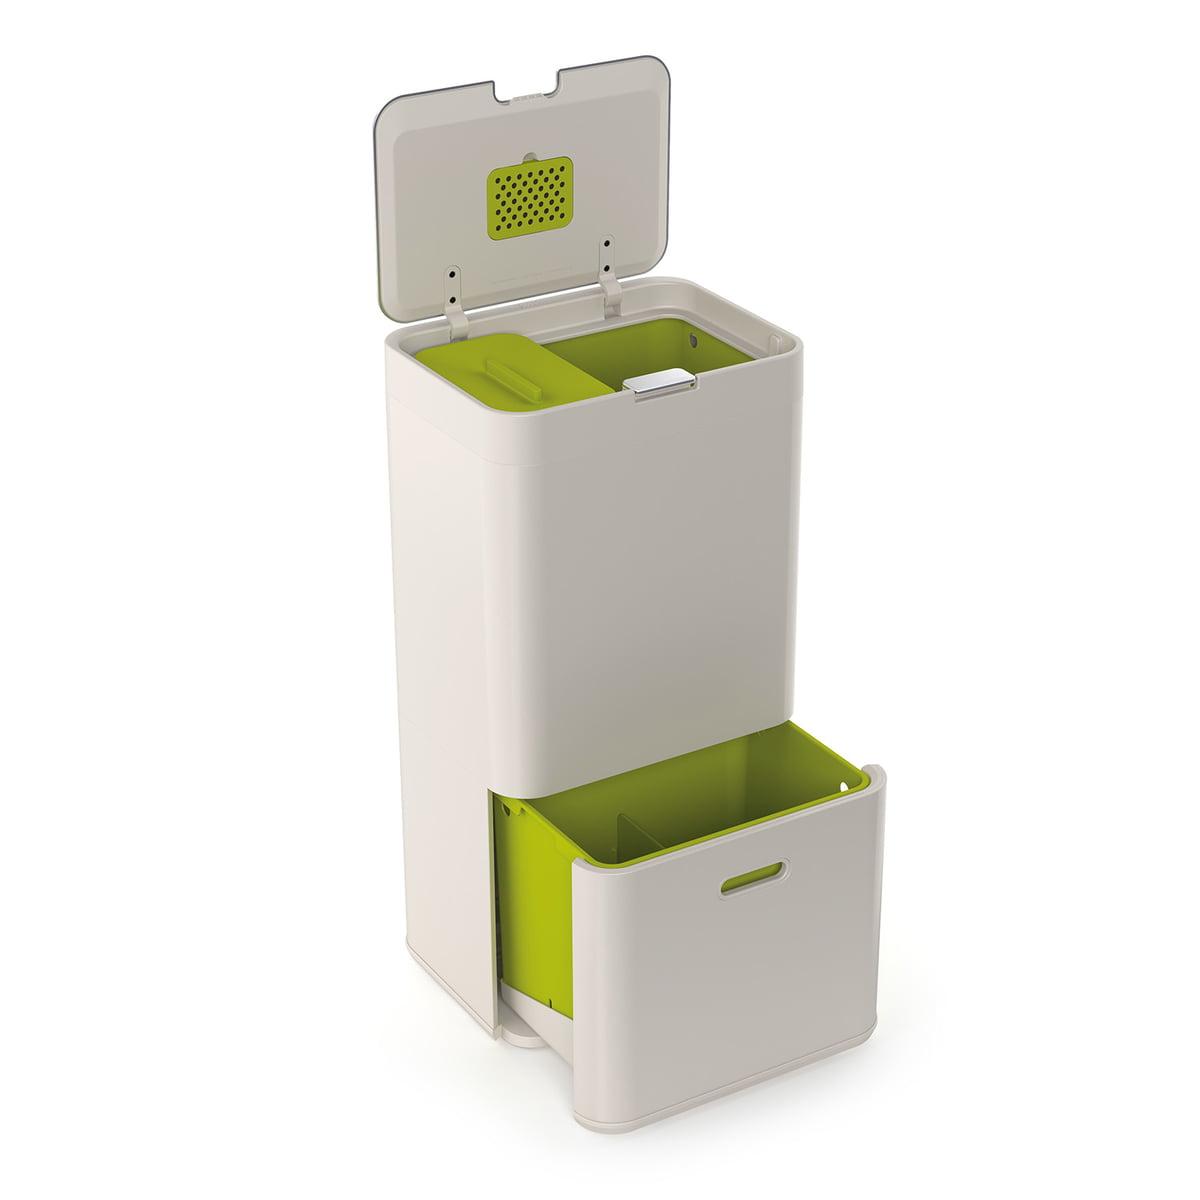 hoeffner Mülleimer online kaufen | Möbel-Suchmaschine | ladendirekt.de